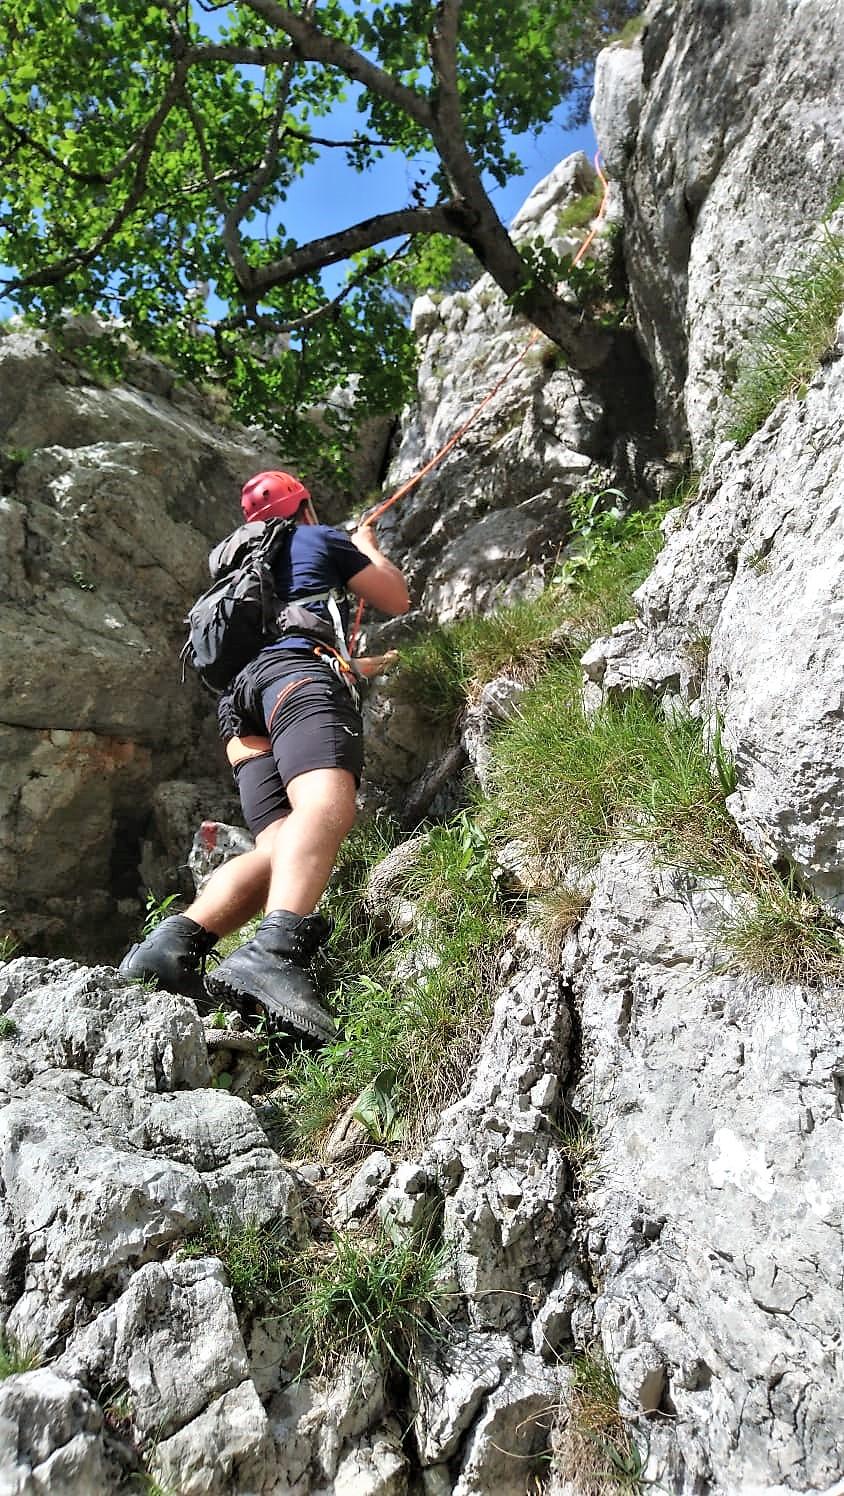 Wiener Trio verirrten sich beim Abstieg von der Rax und wurde unverletzt gerettet